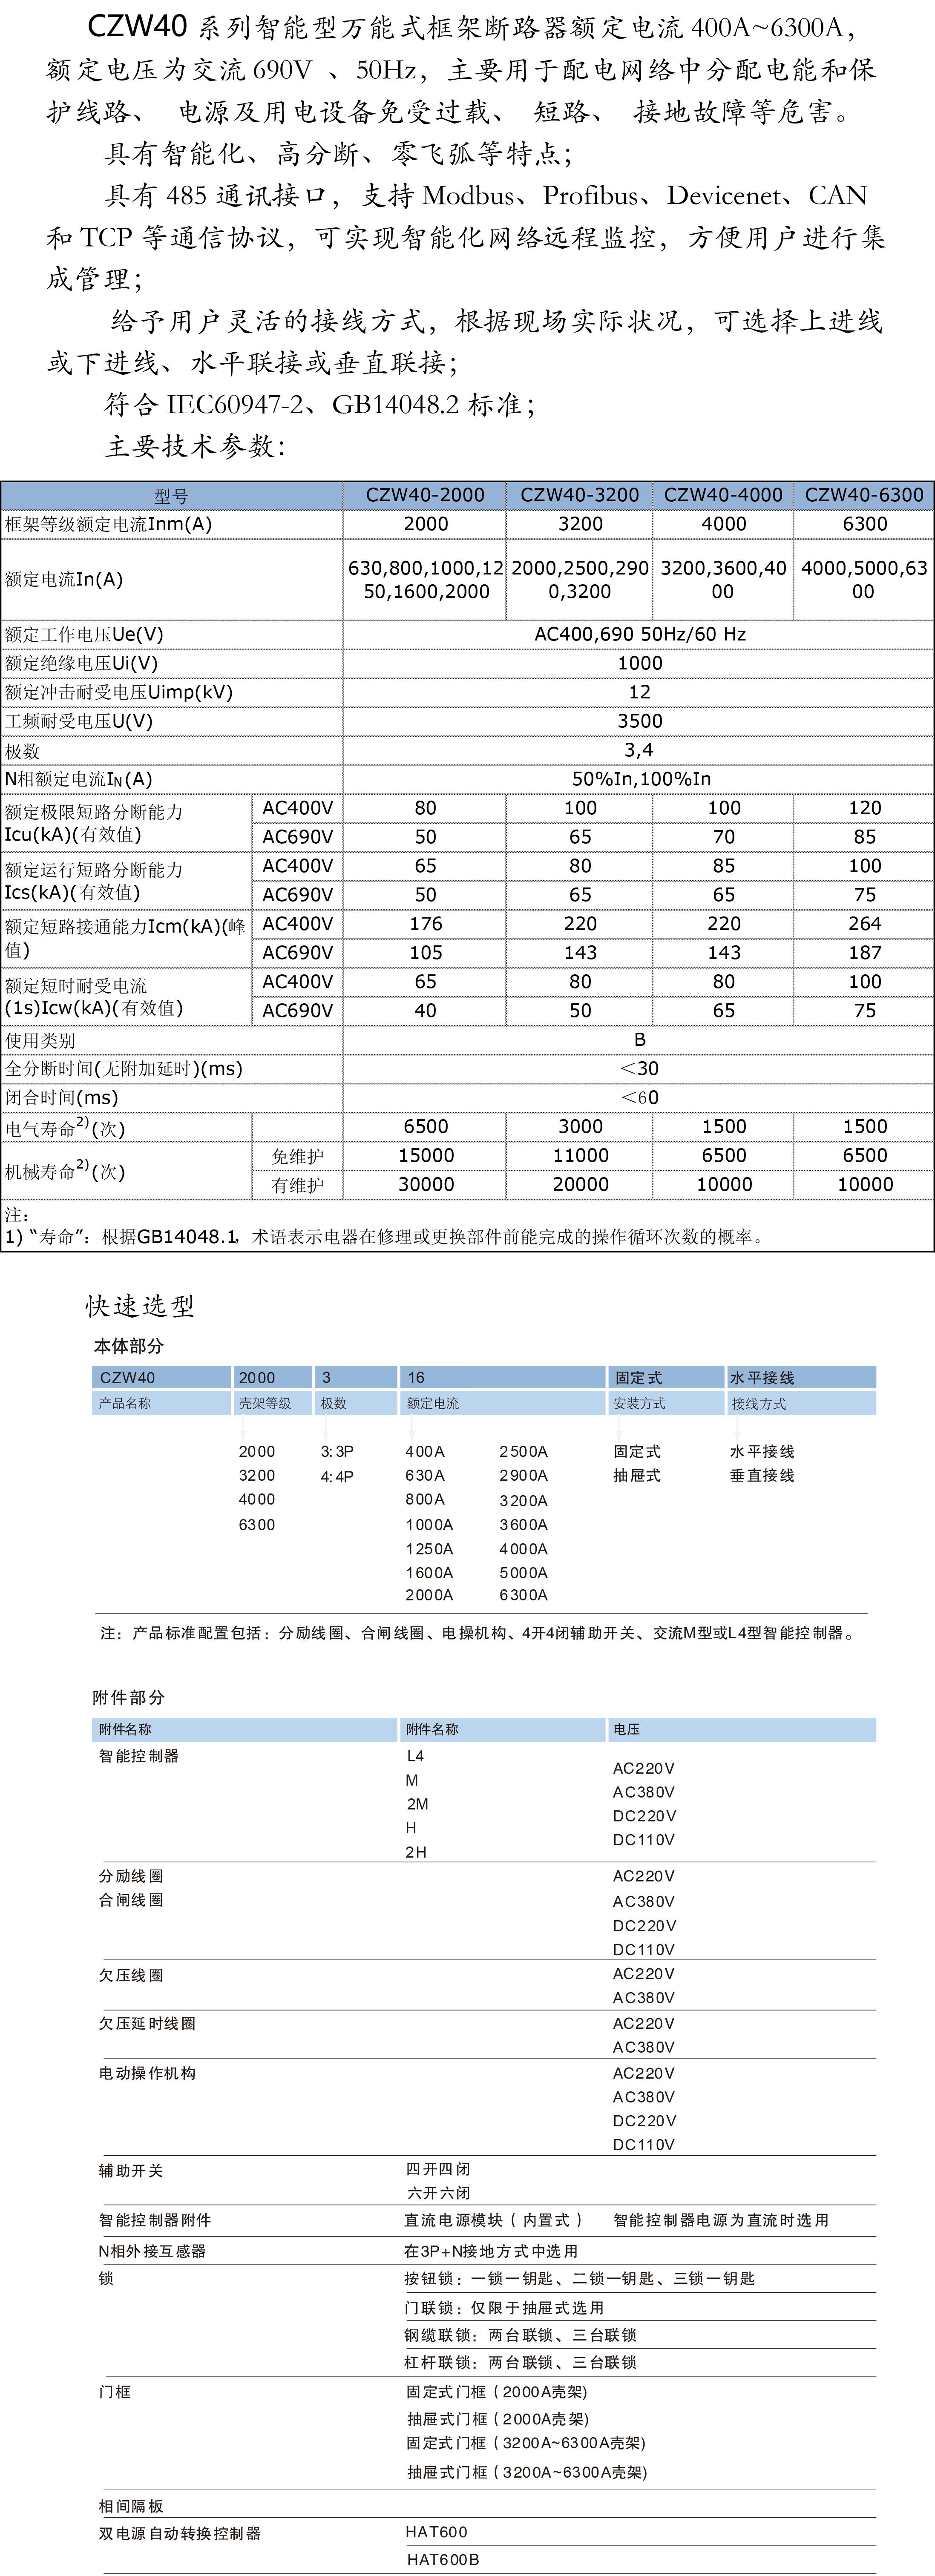 贵州万博体育苹果手机版